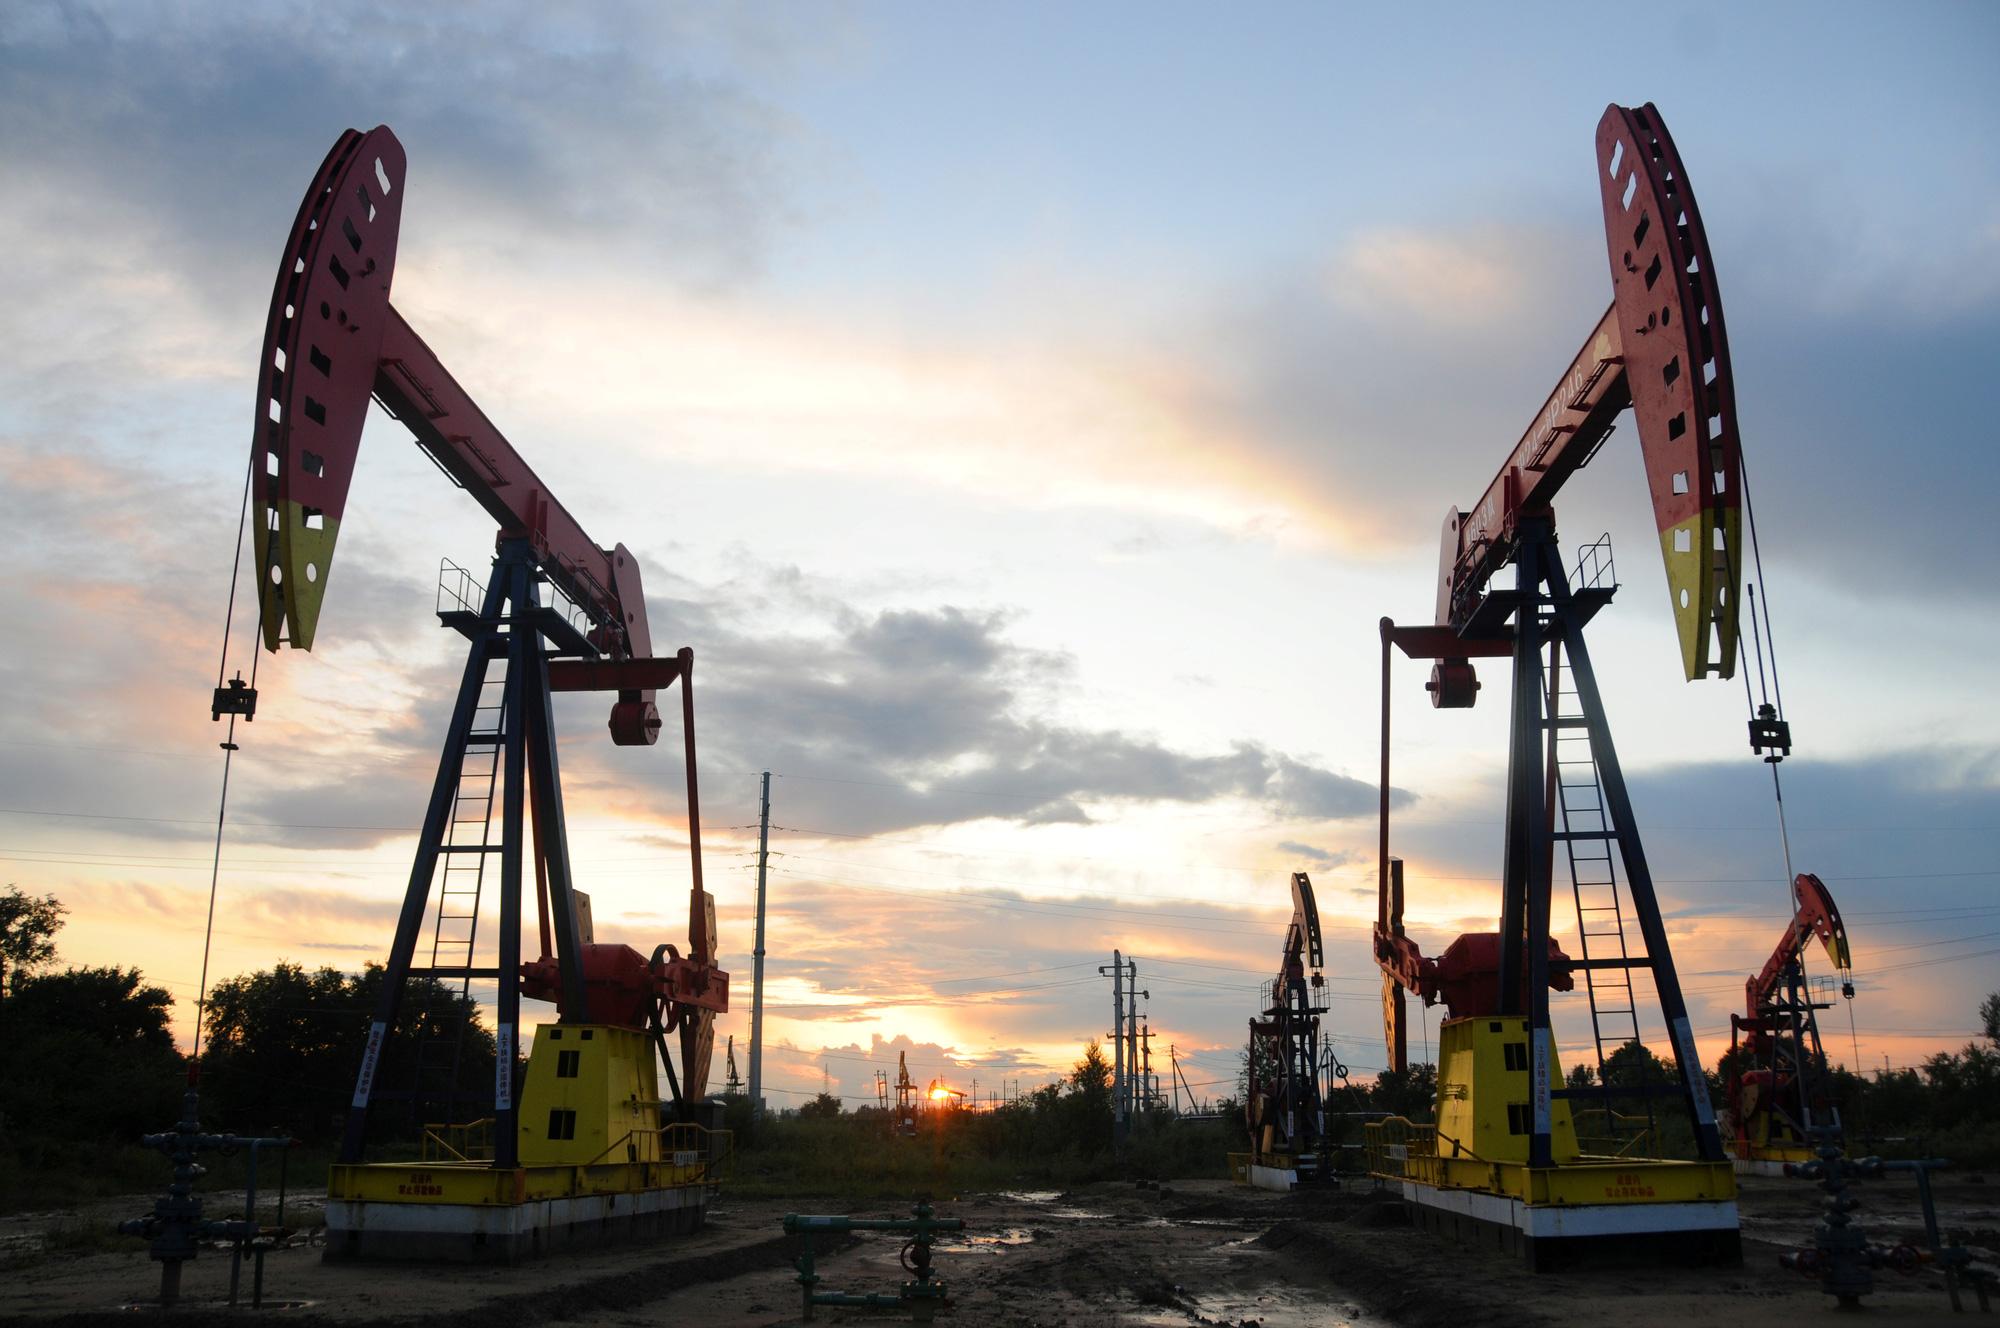 Giá xăng dầu hôm nay 14/6: Giá dầu tiếp tục tăng trong phiên giao đầu tuần - Ảnh 1.